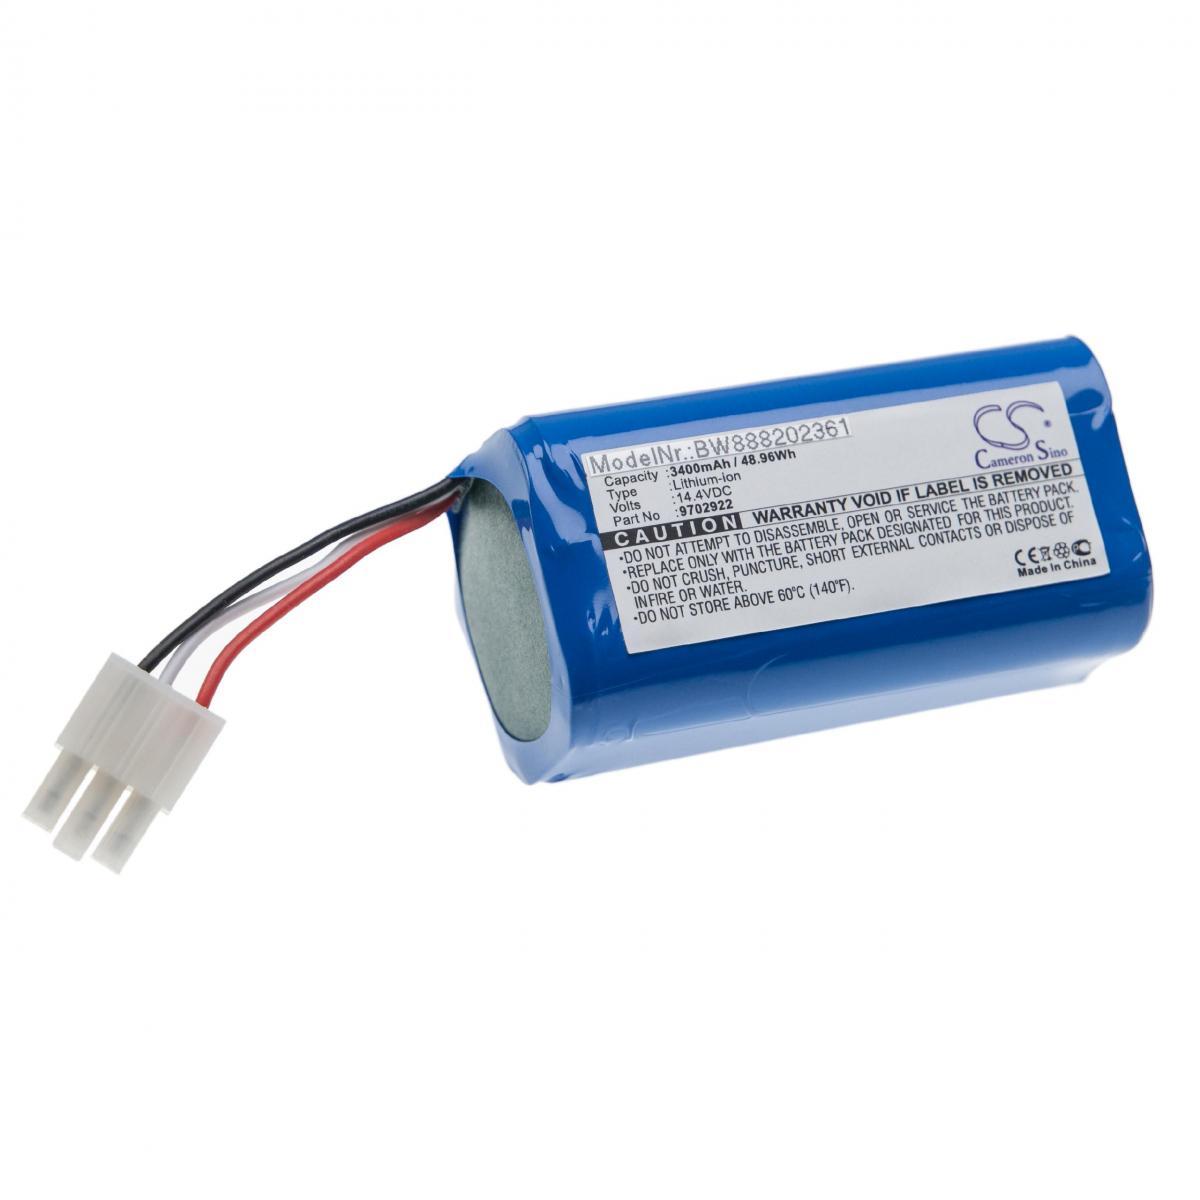 Vhbw vhbw Batterie compatible avec Miele RX1-SJQL0, Scout RX1 aspirateur, robot électroménager (3400mAh, 14,4V, Li-ion)